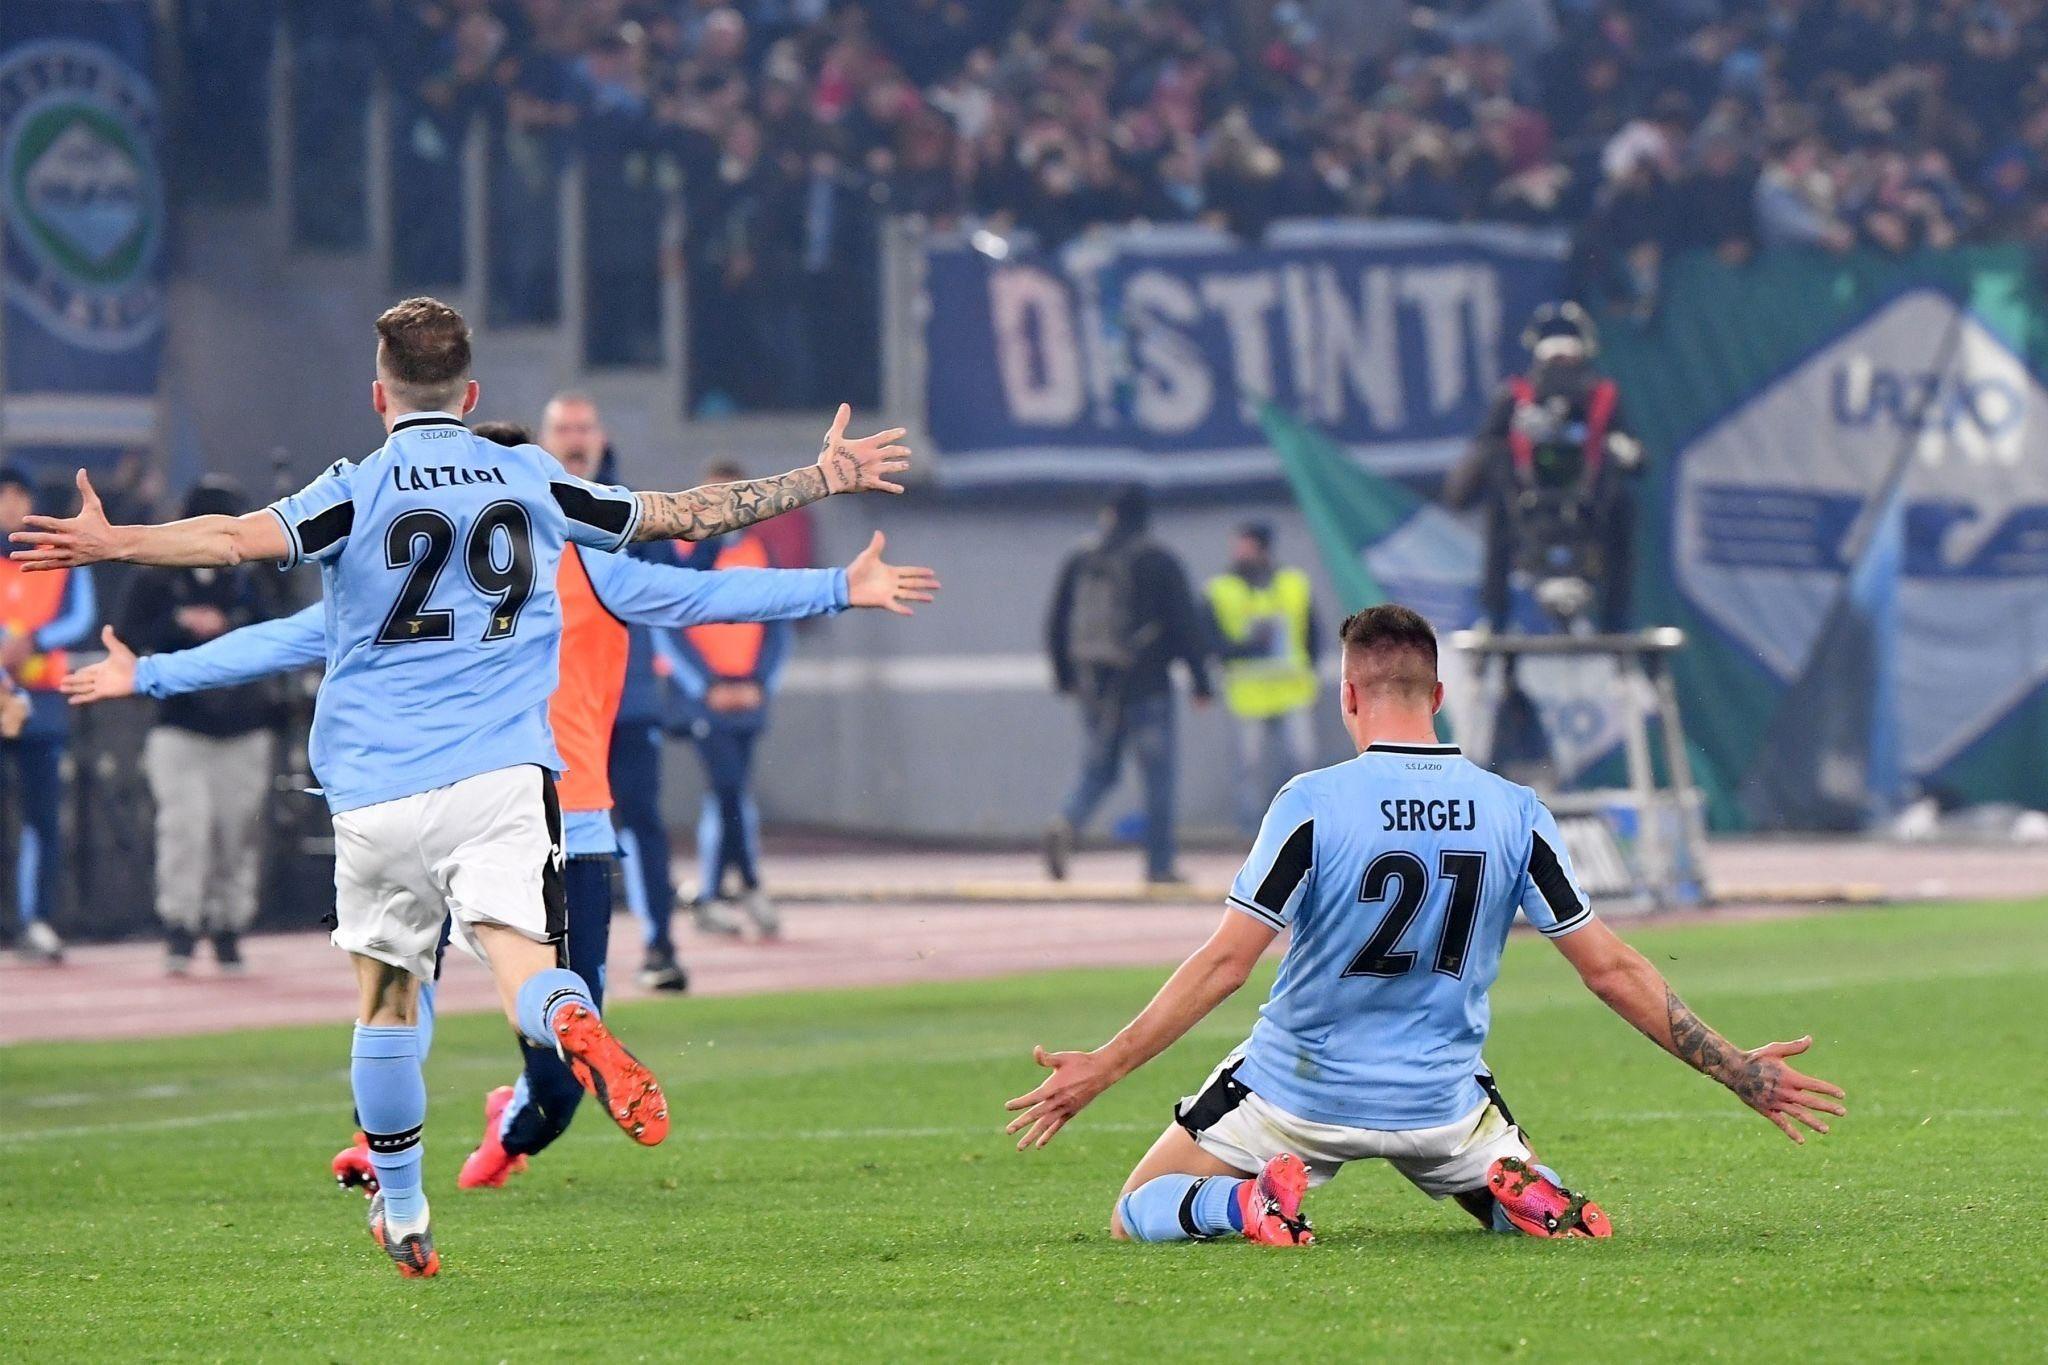 لاتسيو يقلب الطاولة على إنتر ميلان ويشعل صراع الدوري الإيطالي من جديد